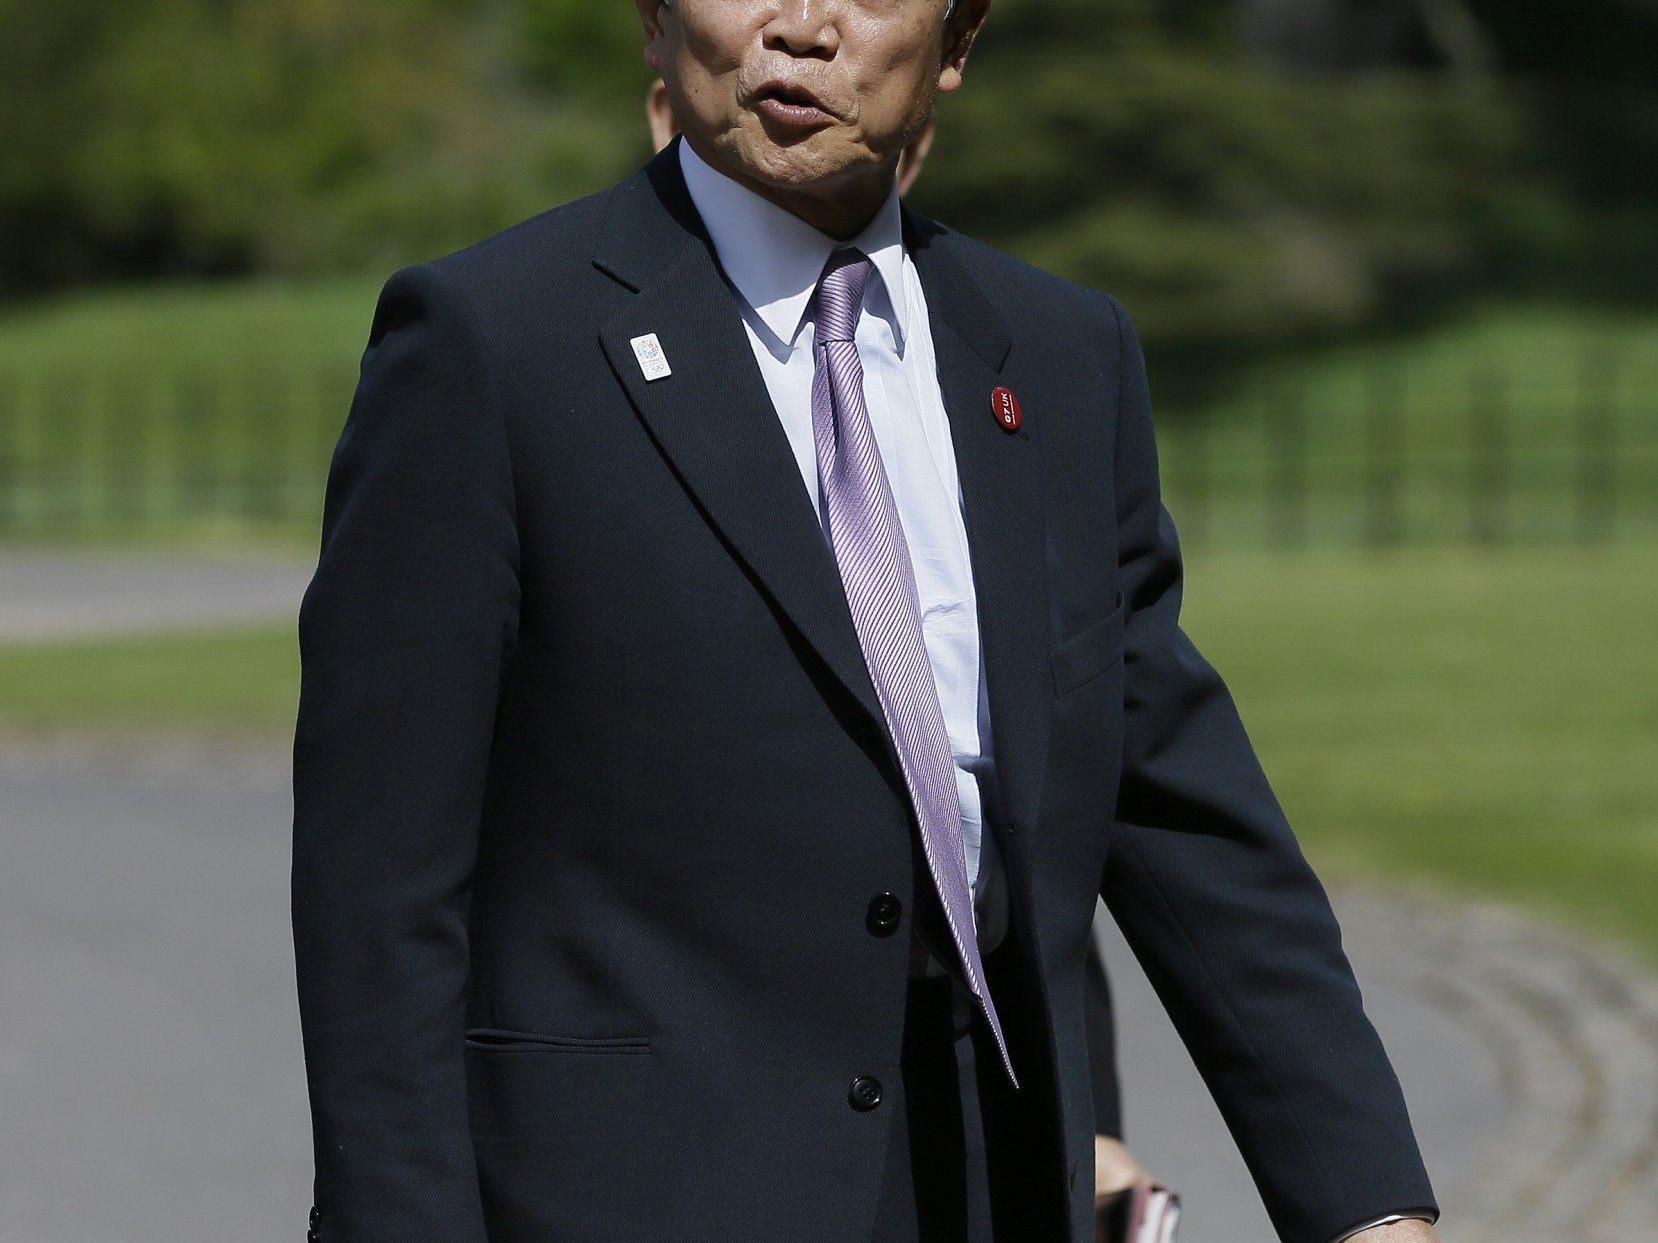 Aso: Japan könnte bei Umsetzung von Reformen von Nazis lernen.